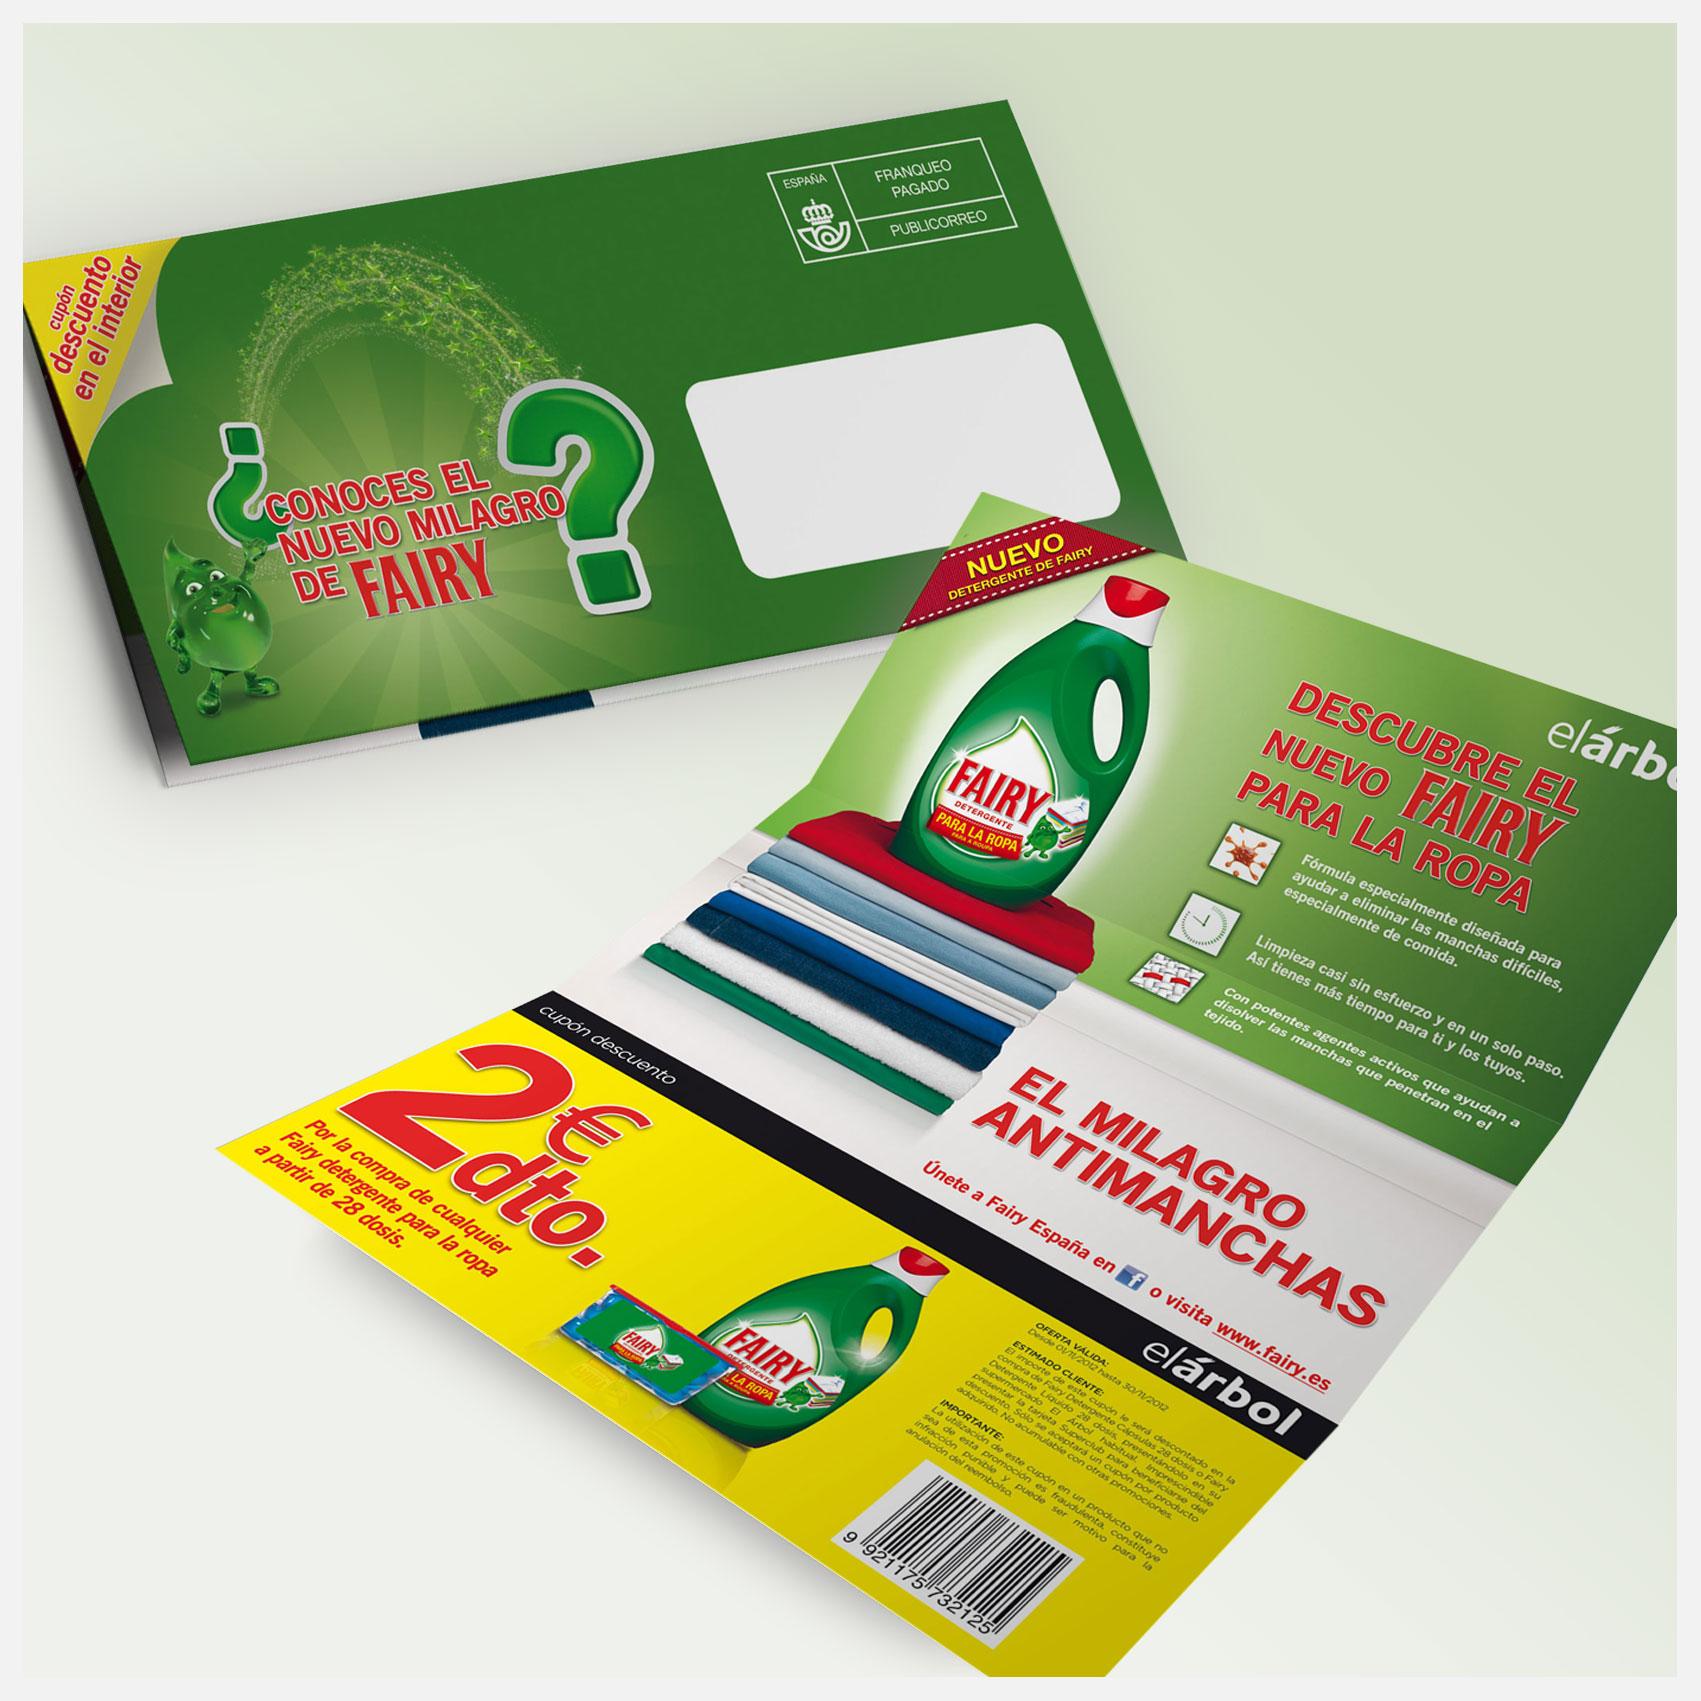 Diseño Marketing Directo DTCM